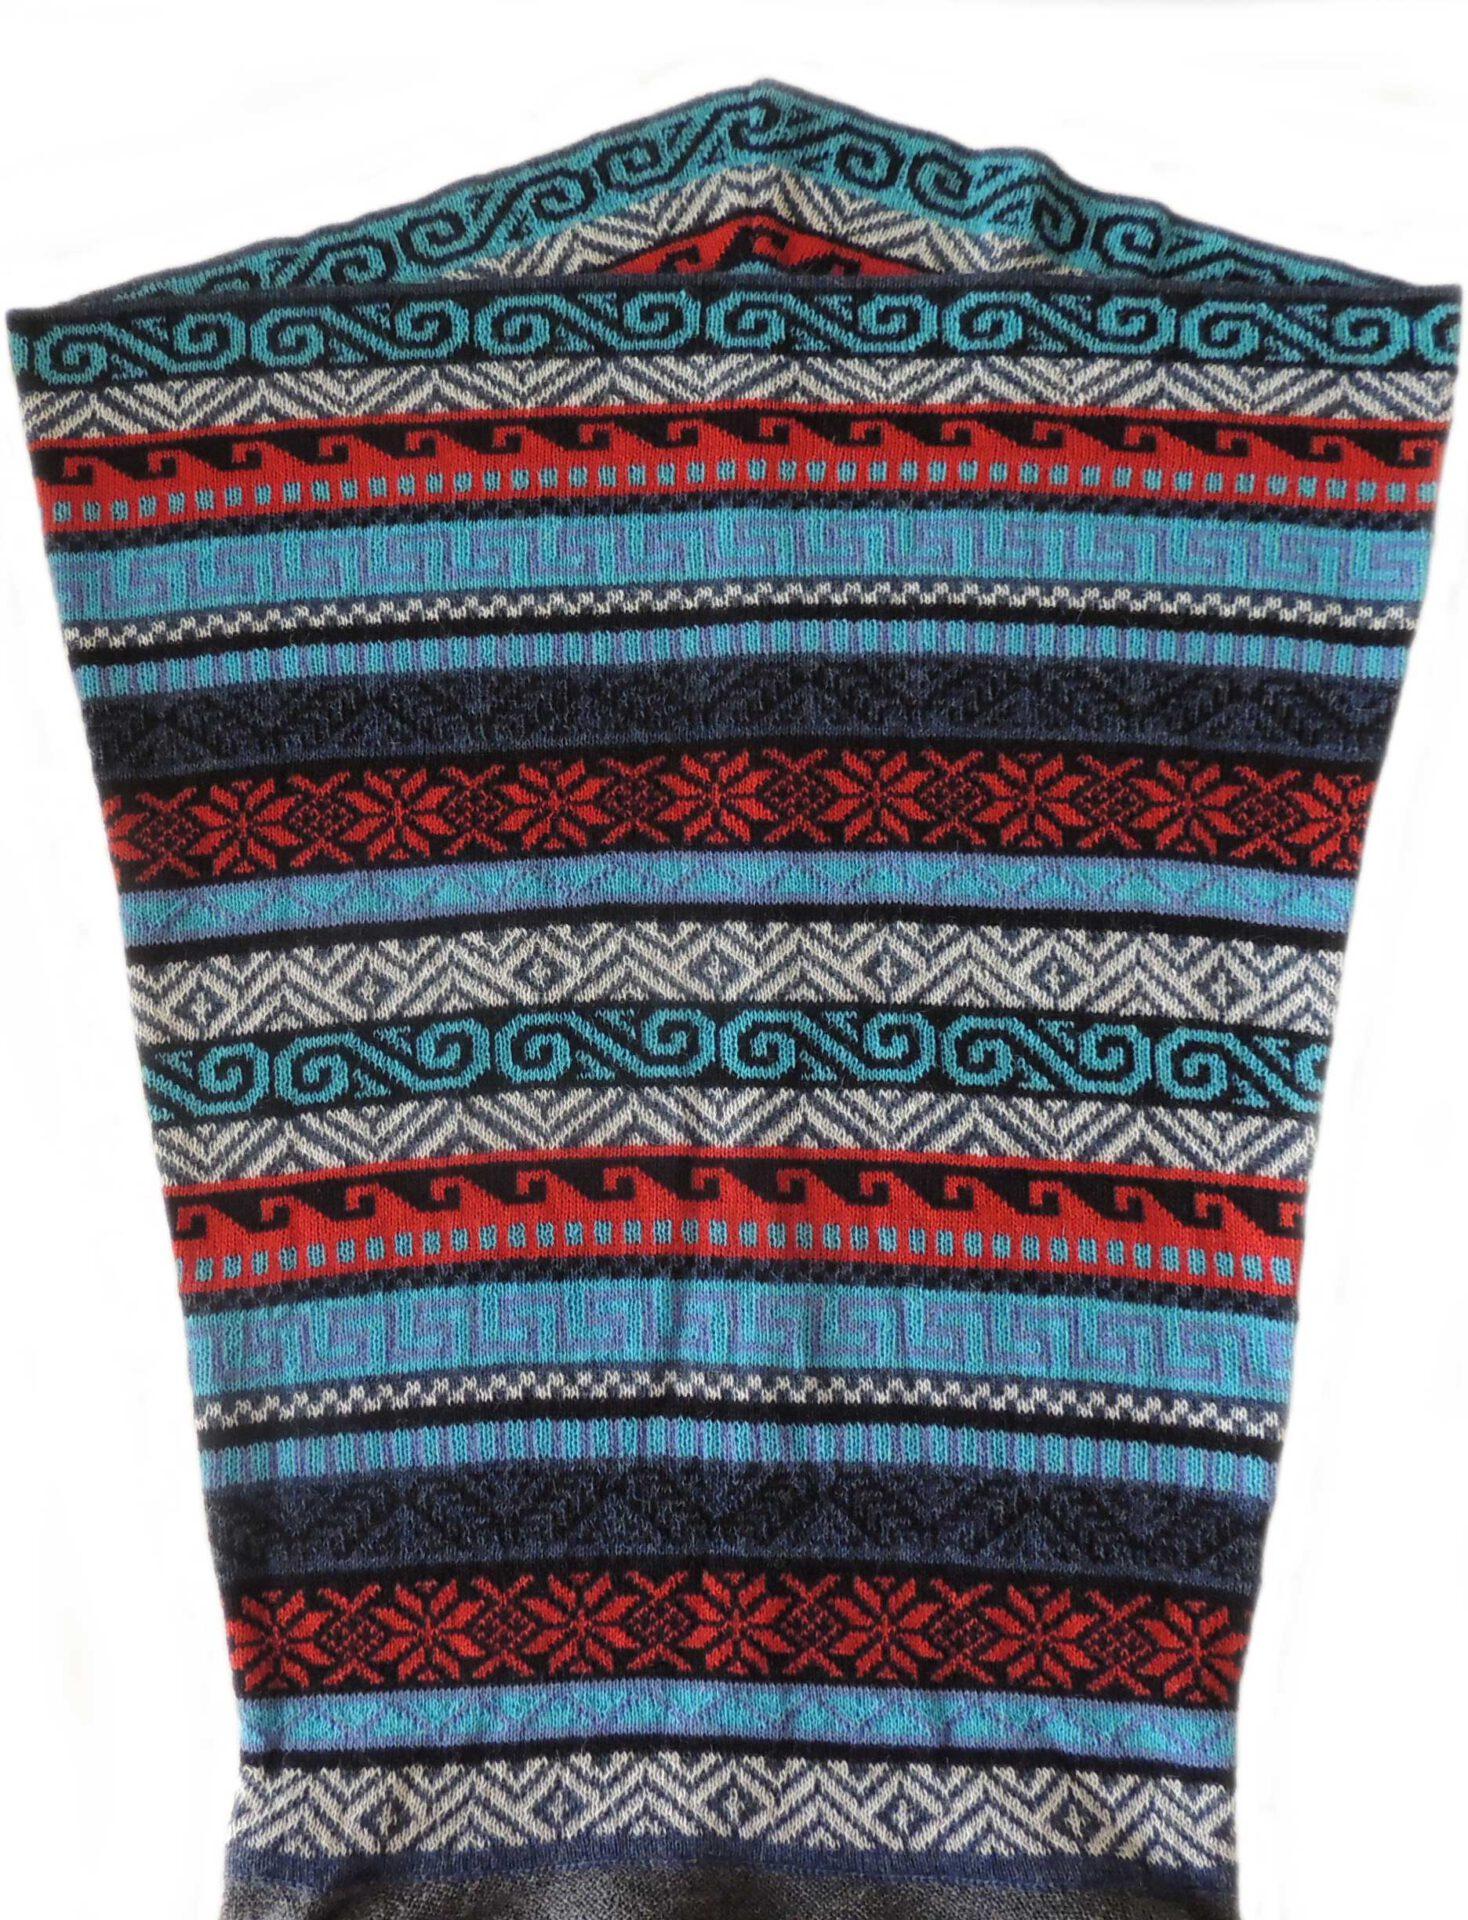 PFL Knitwear, cardigan solid color with multicolor waterfal collar in 100% baby alpaca.